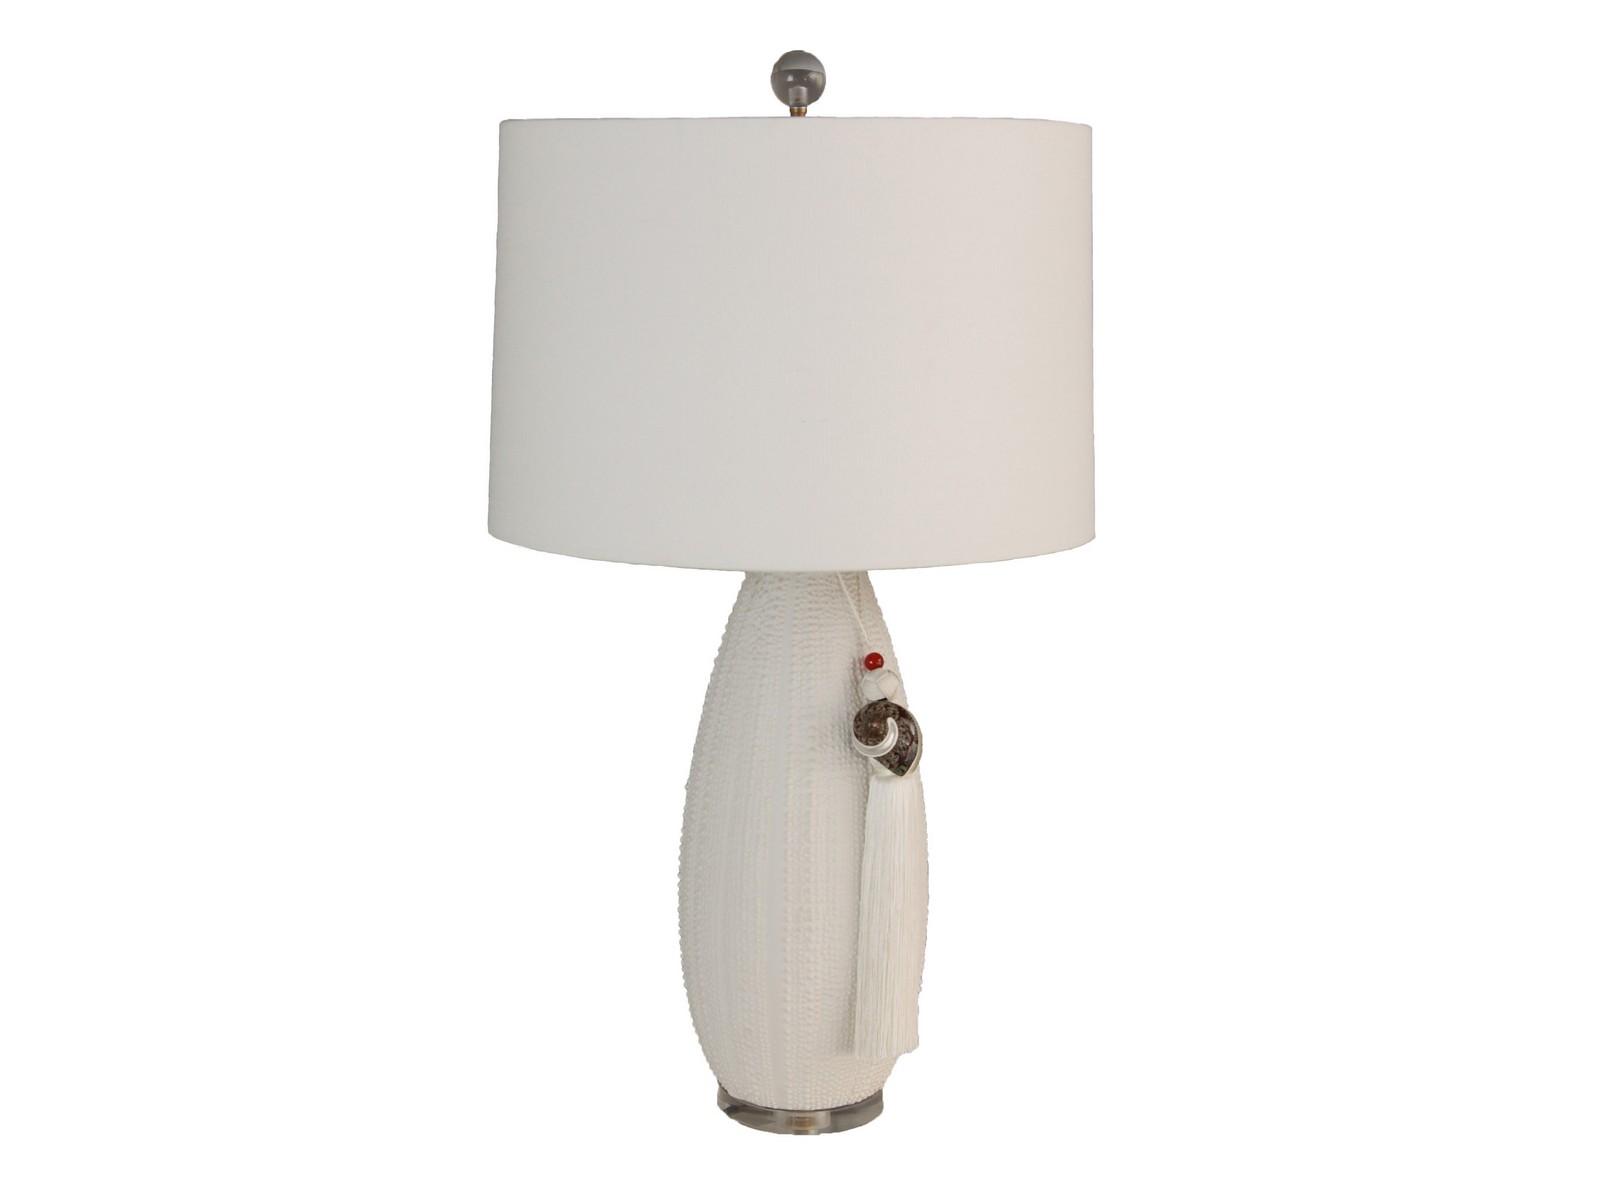 Настольная Лампа SeaclutchДекоративные лампы<br>Вид цоколя: E27&amp;amp;nbsp;&amp;lt;div&amp;gt;Мощность лампы: 60W&amp;amp;nbsp;&amp;lt;/div&amp;gt;&amp;lt;div&amp;gt;Количество ламп: 1 лампа&amp;amp;nbsp;&amp;lt;/div&amp;gt;&amp;lt;div&amp;gt;Наличие ламп: нет&amp;lt;/div&amp;gt;<br><br>Material: Металл<br>Height см: 77,5<br>Diameter см: 43